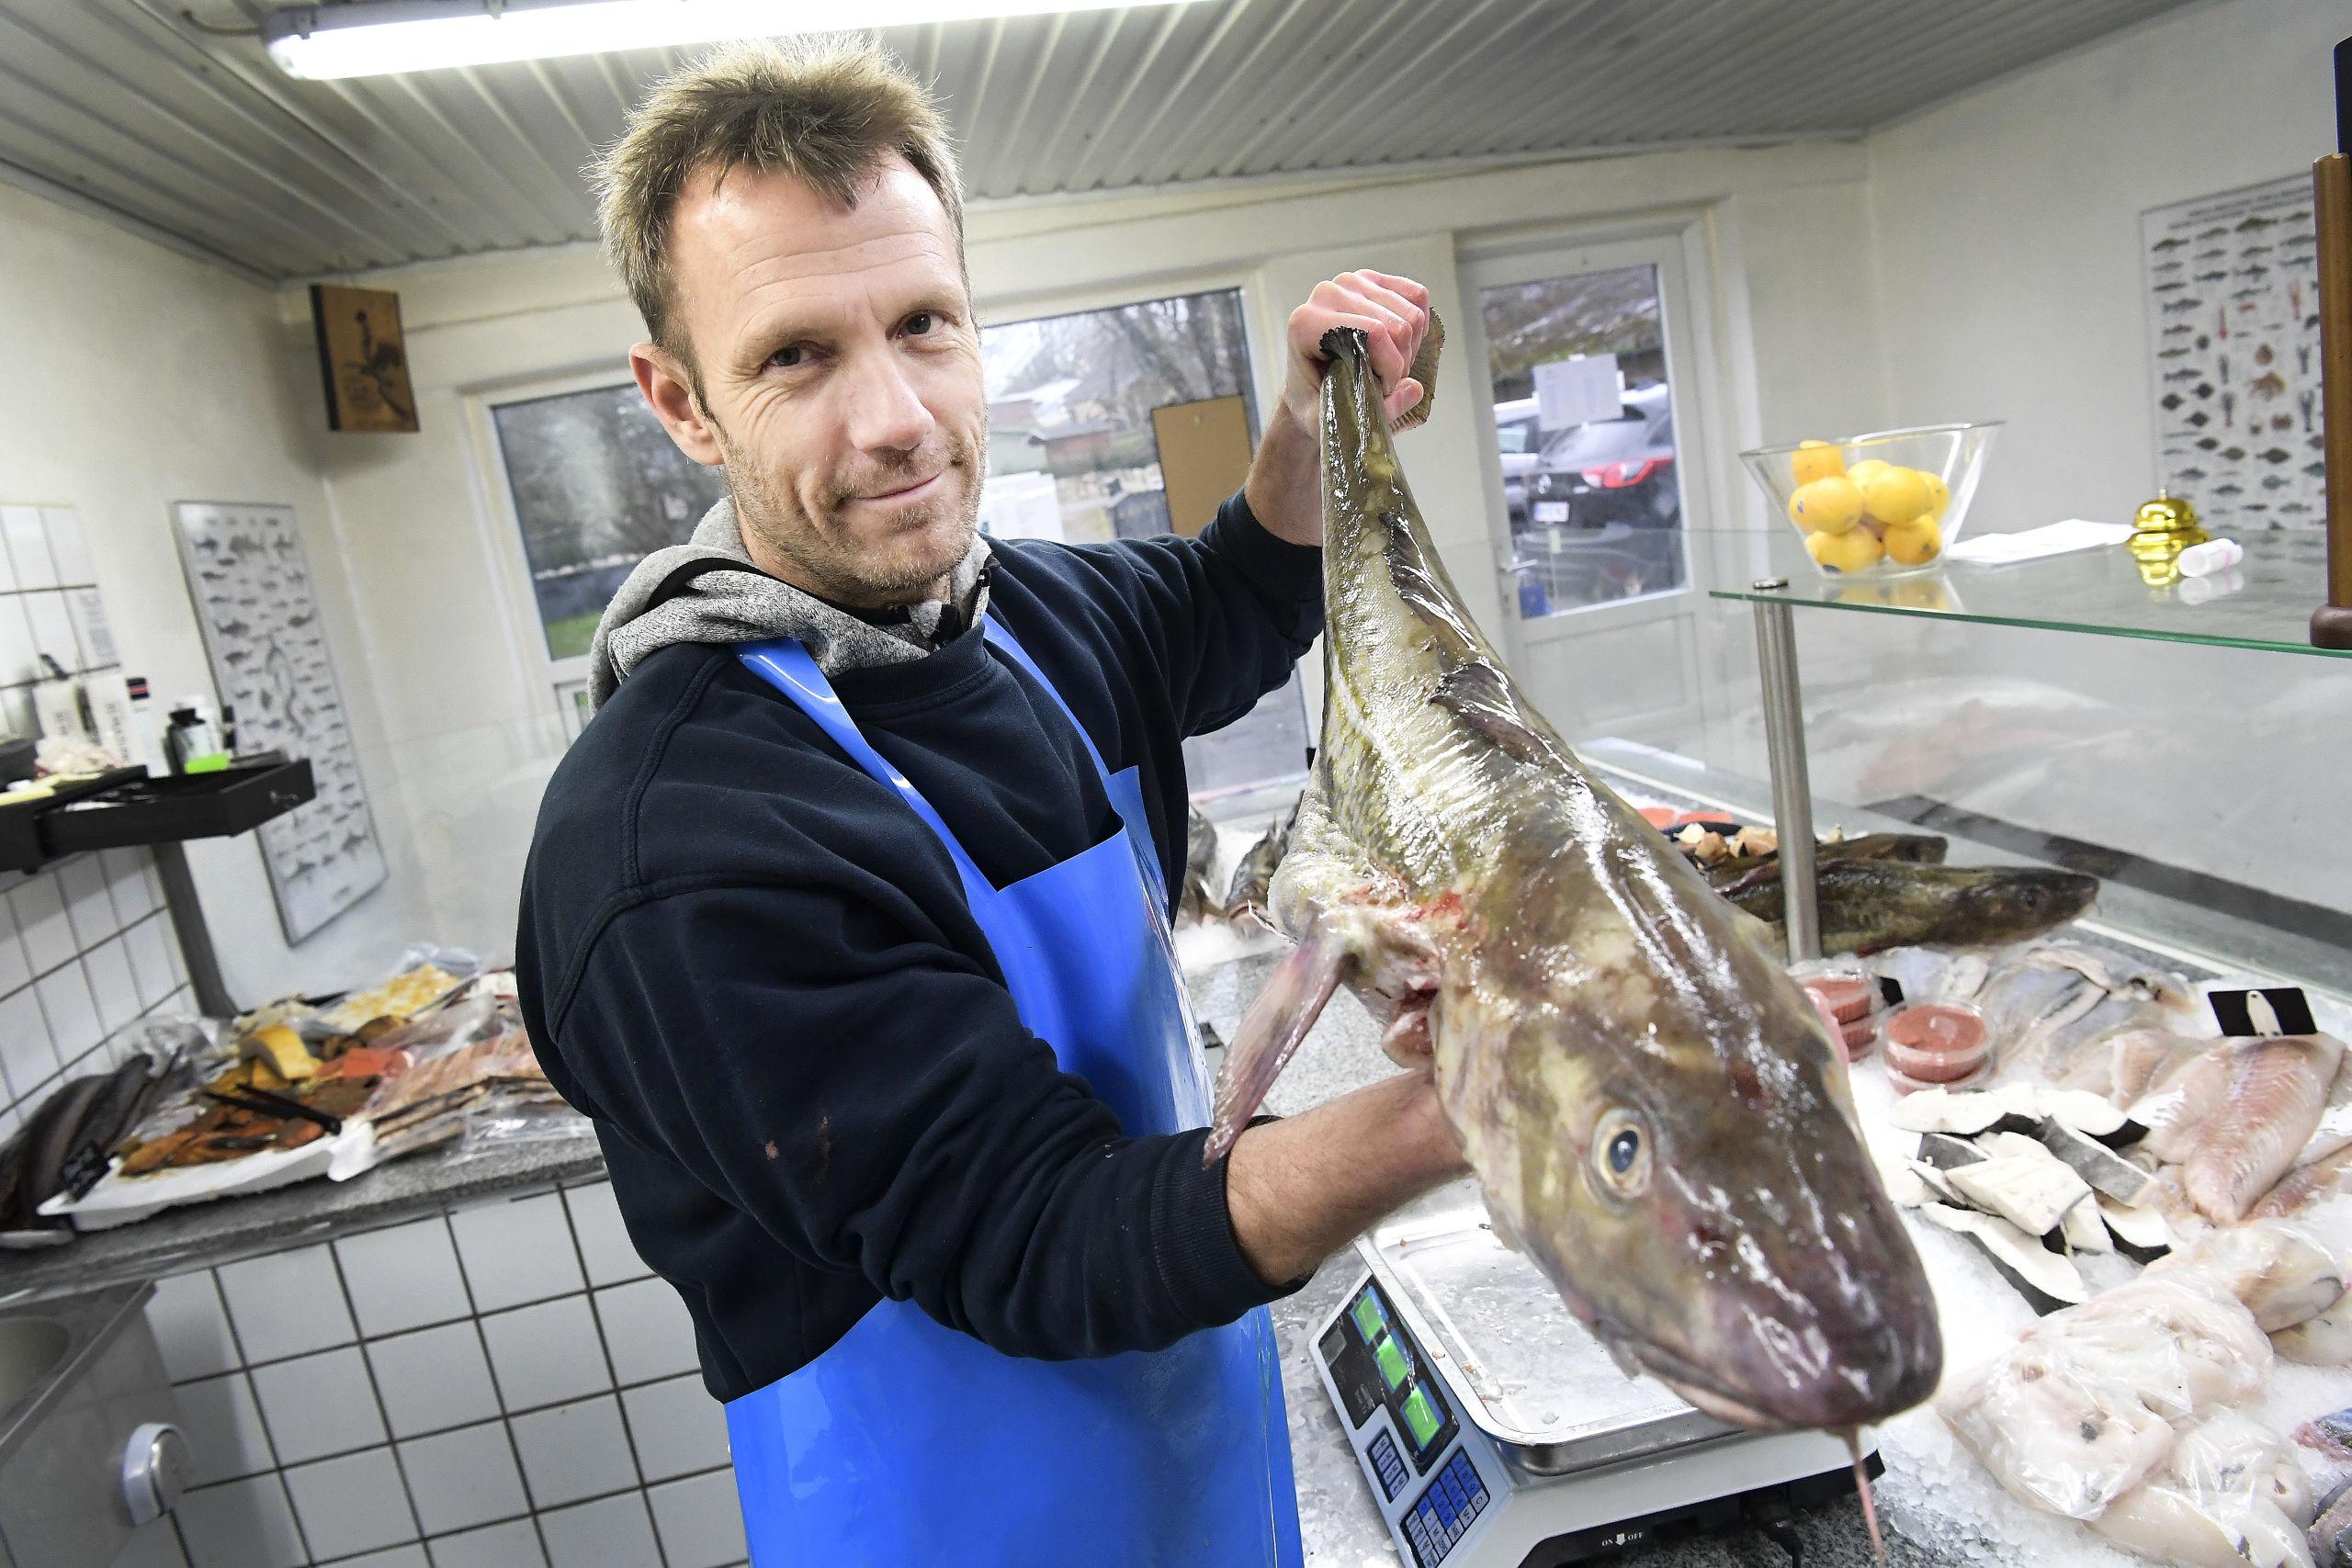 Det er torskedumt ikke at spise fisk nytårsaften